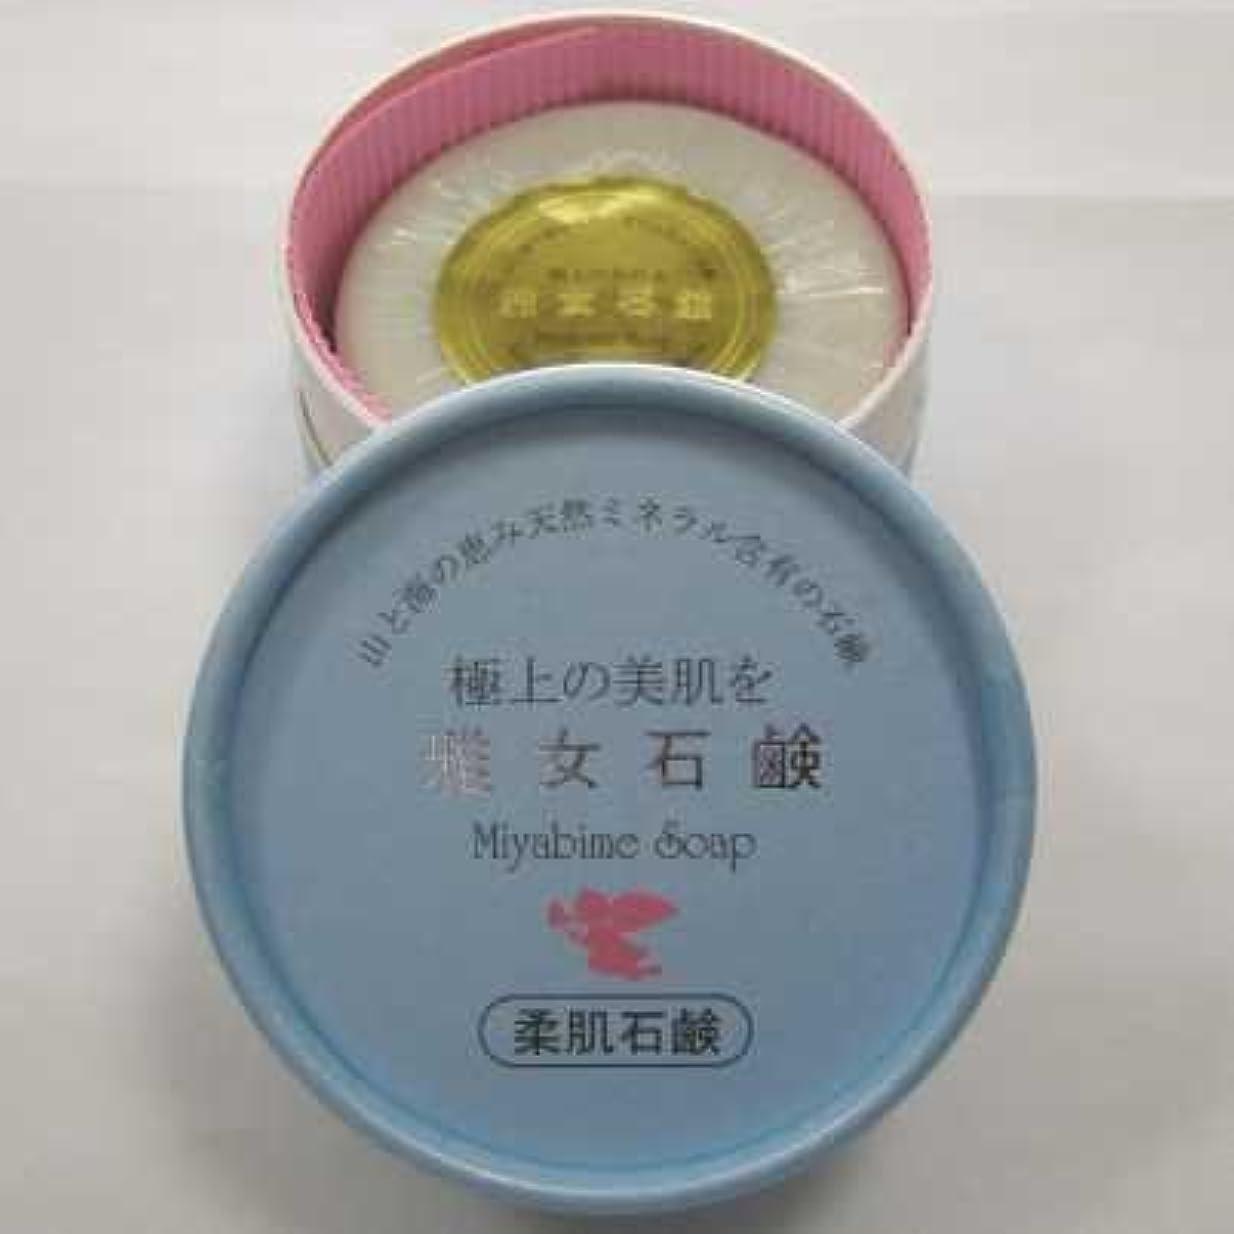 エスカレーター分散暴力雅女石鹸(Miyabime Soap)